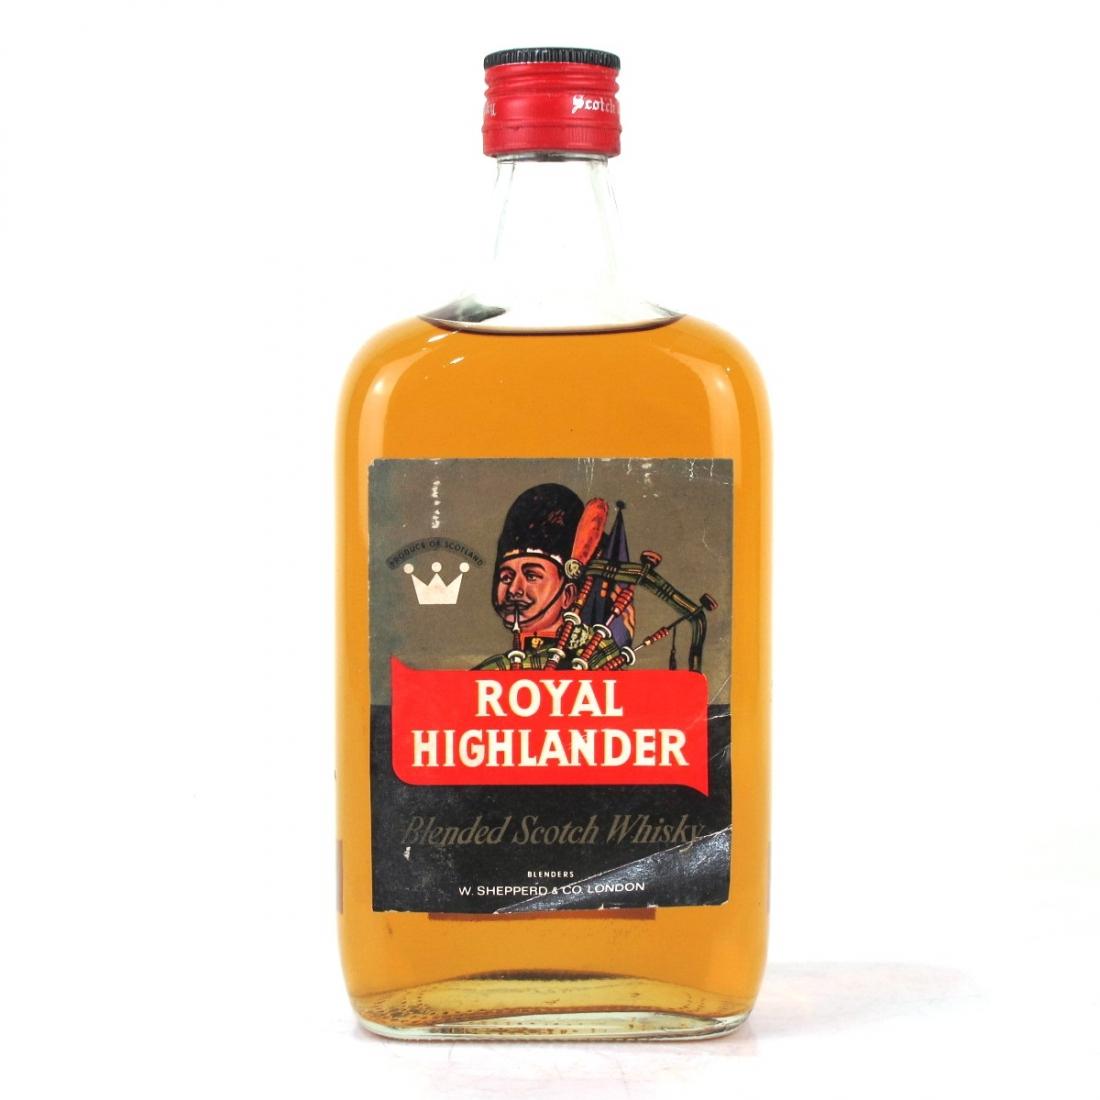 Royal Highlander Scotch Whisky 1960s